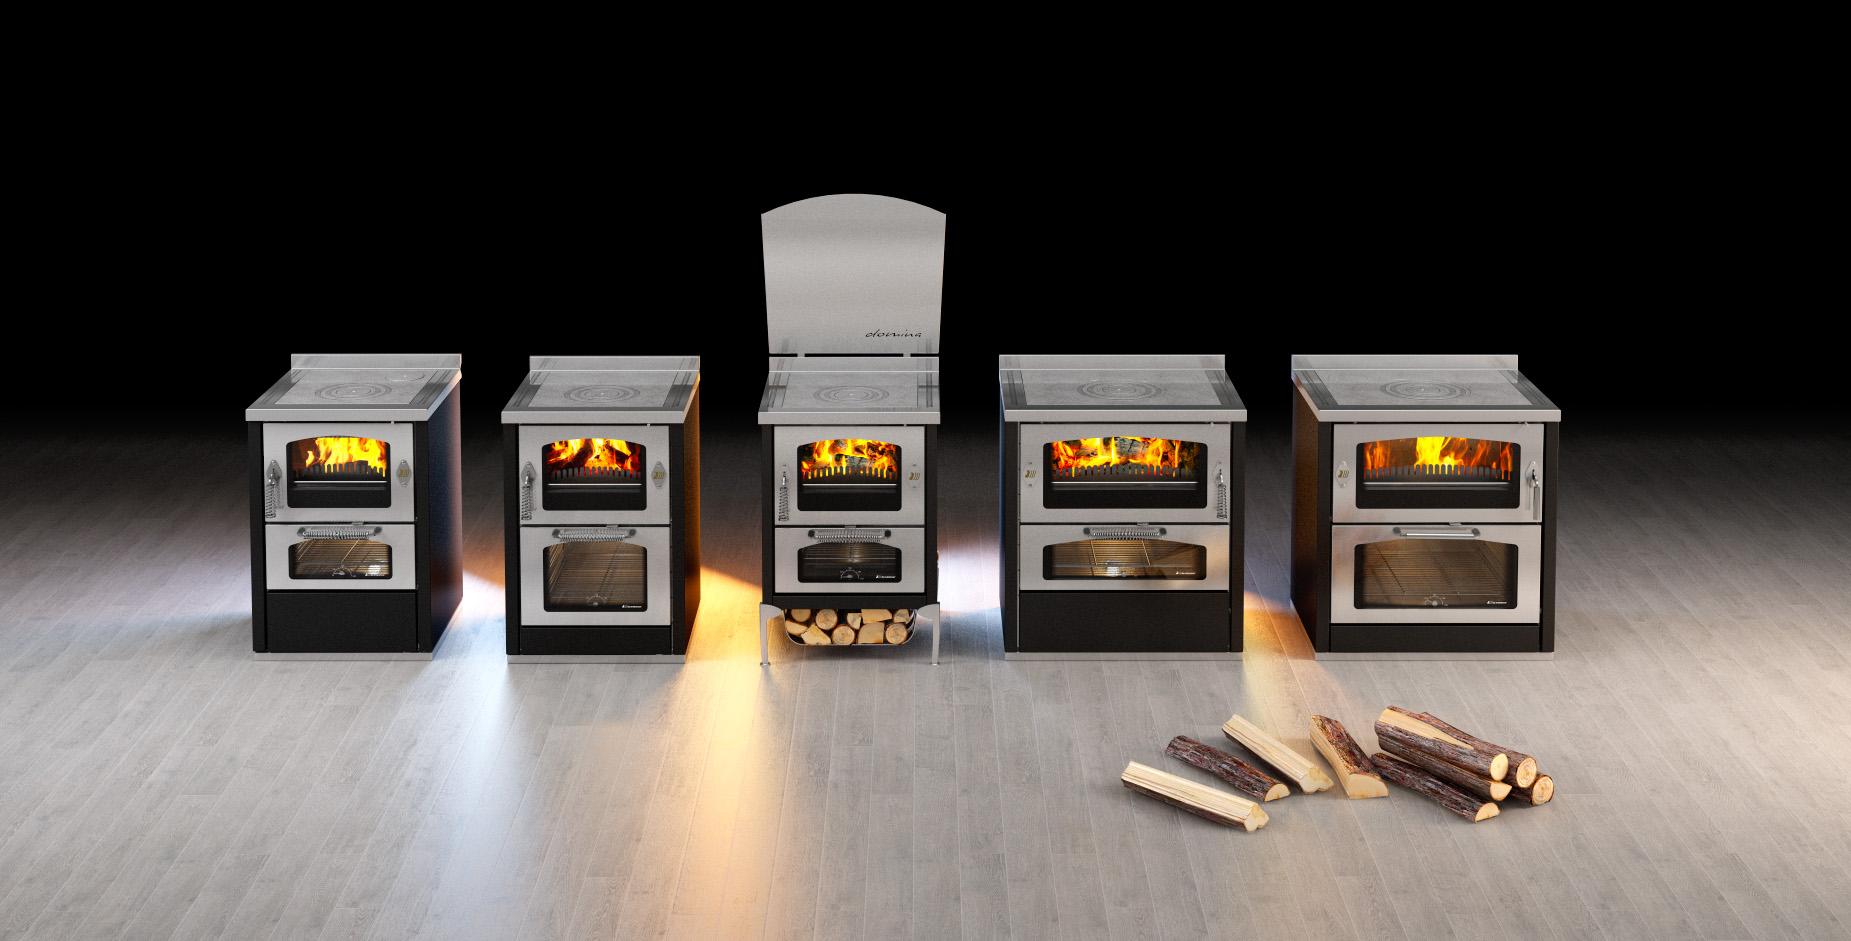 Stunning prezzi cucine economiche a legna images - Termostufe combinate pellet e legna prezzi ...